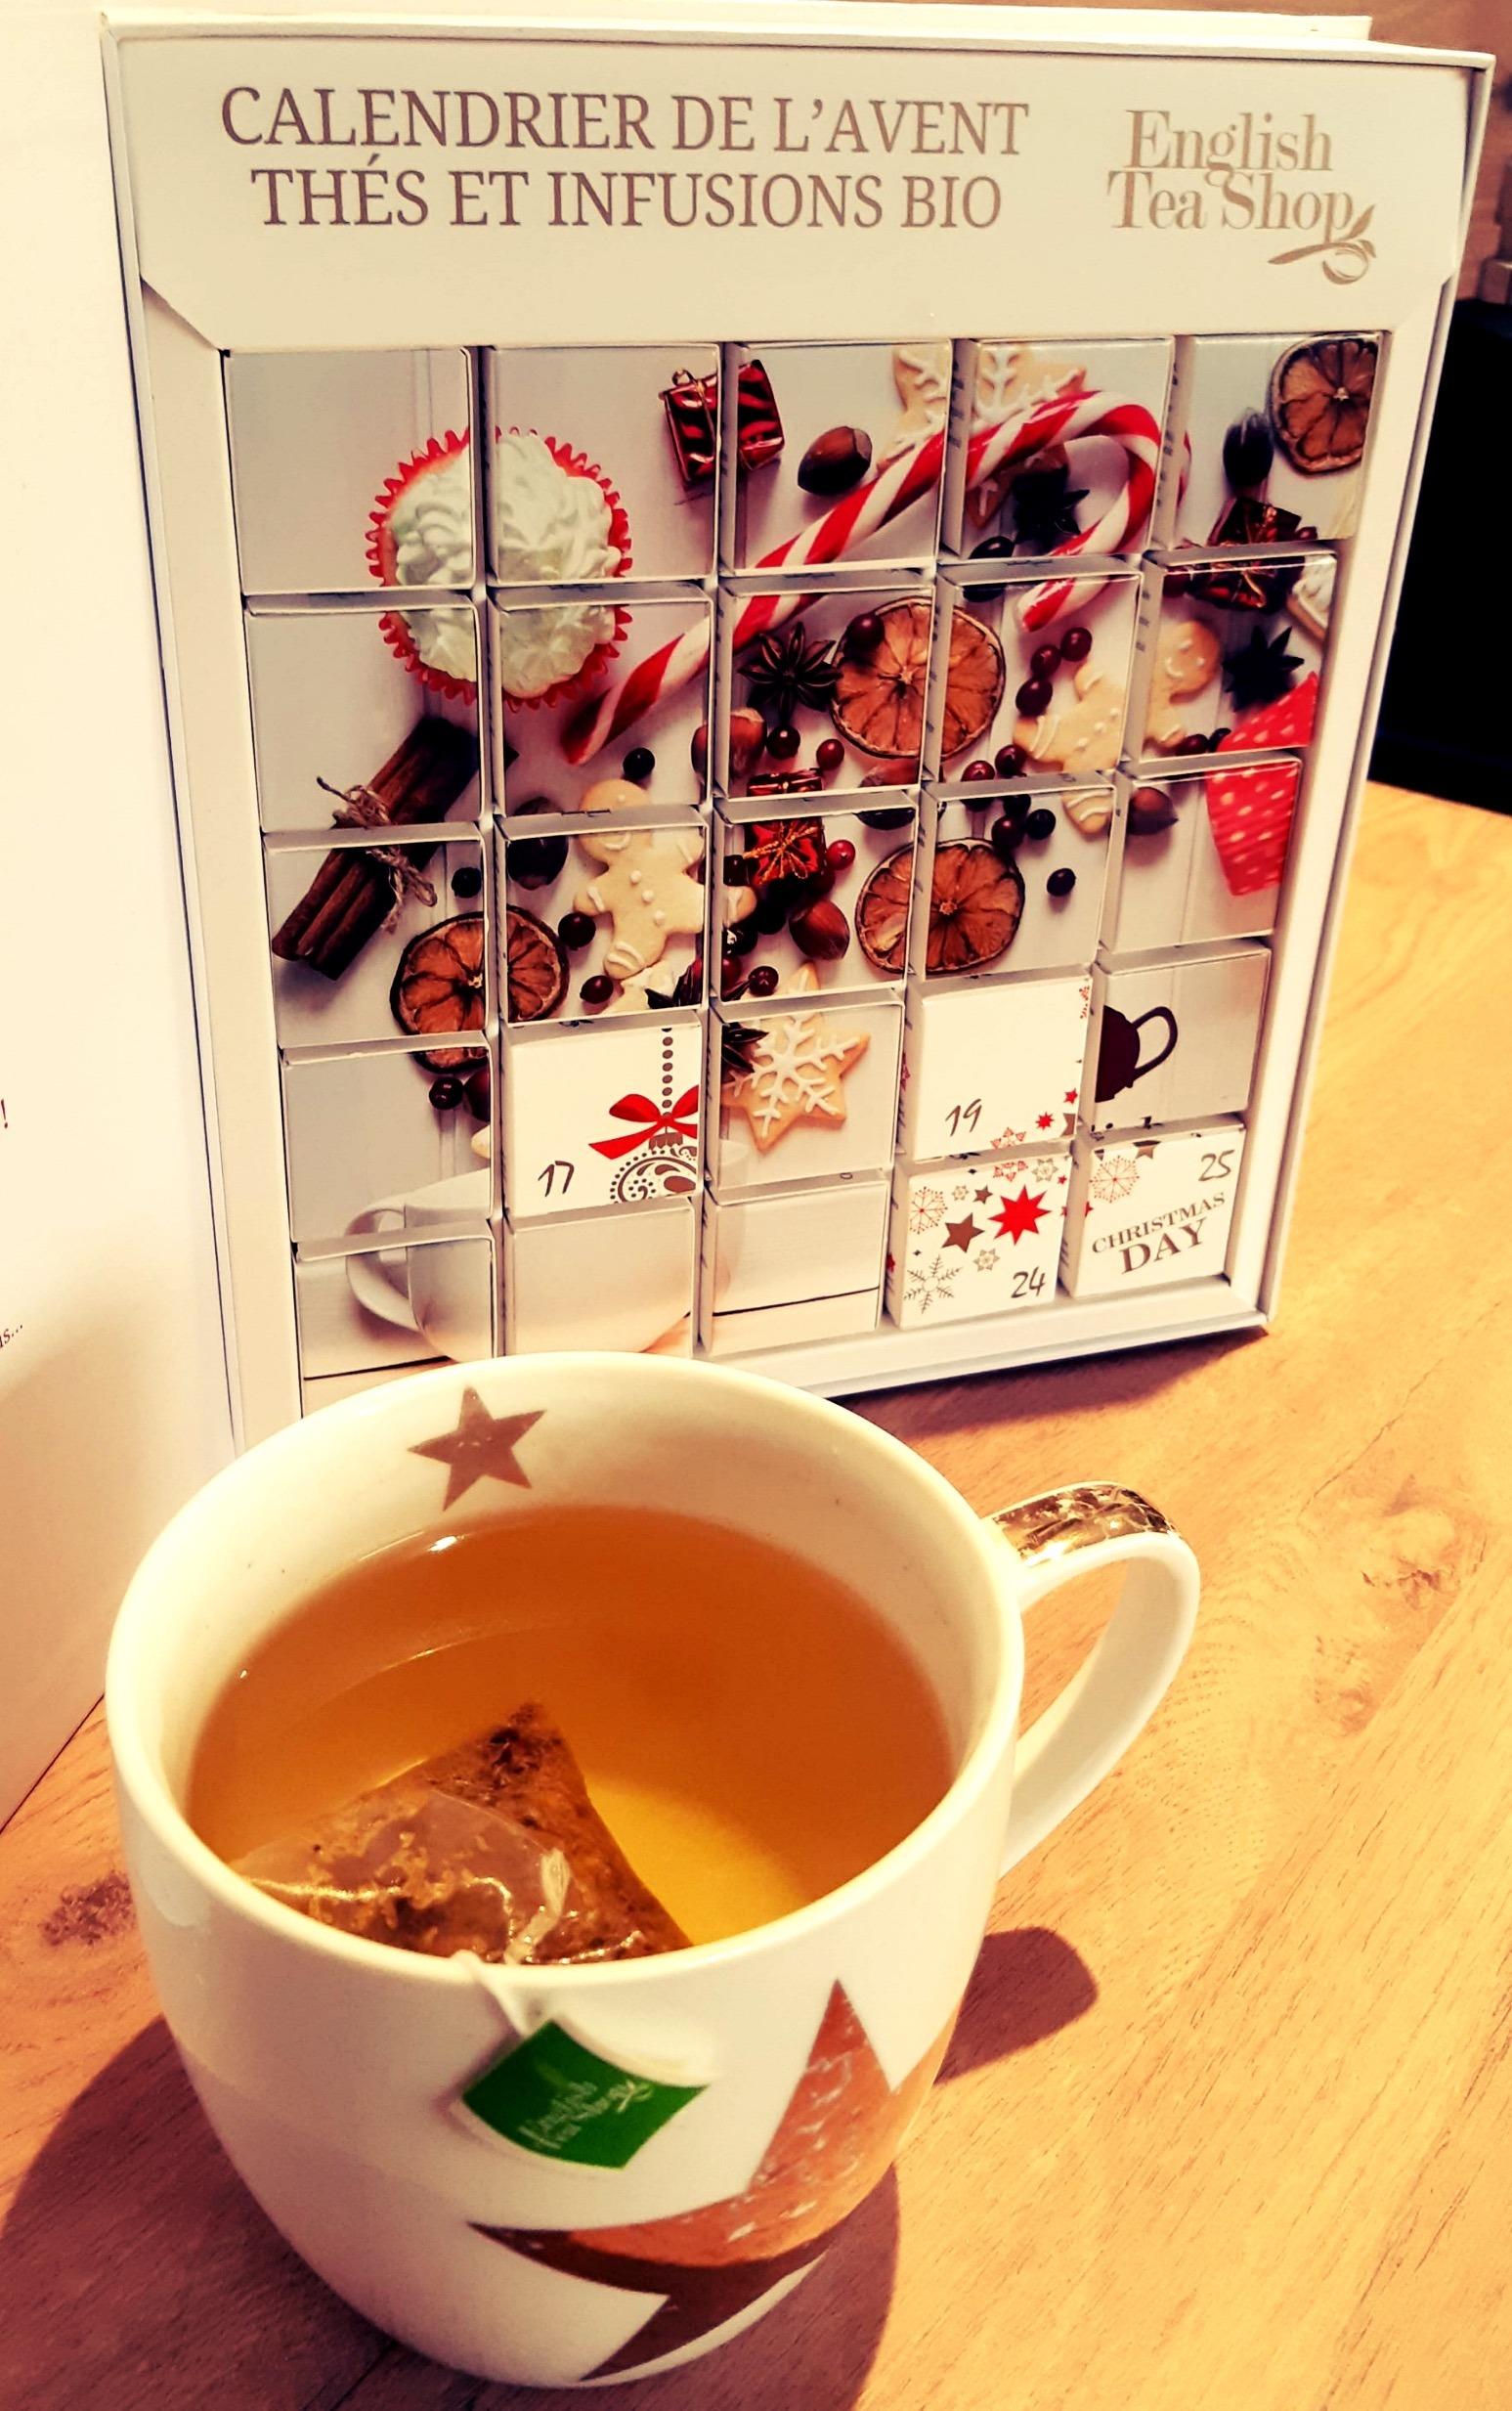 En attendant Noël, j'ai choisi pour me faire plaisir, le calendrier de l'Avent Bio English Tea Shop